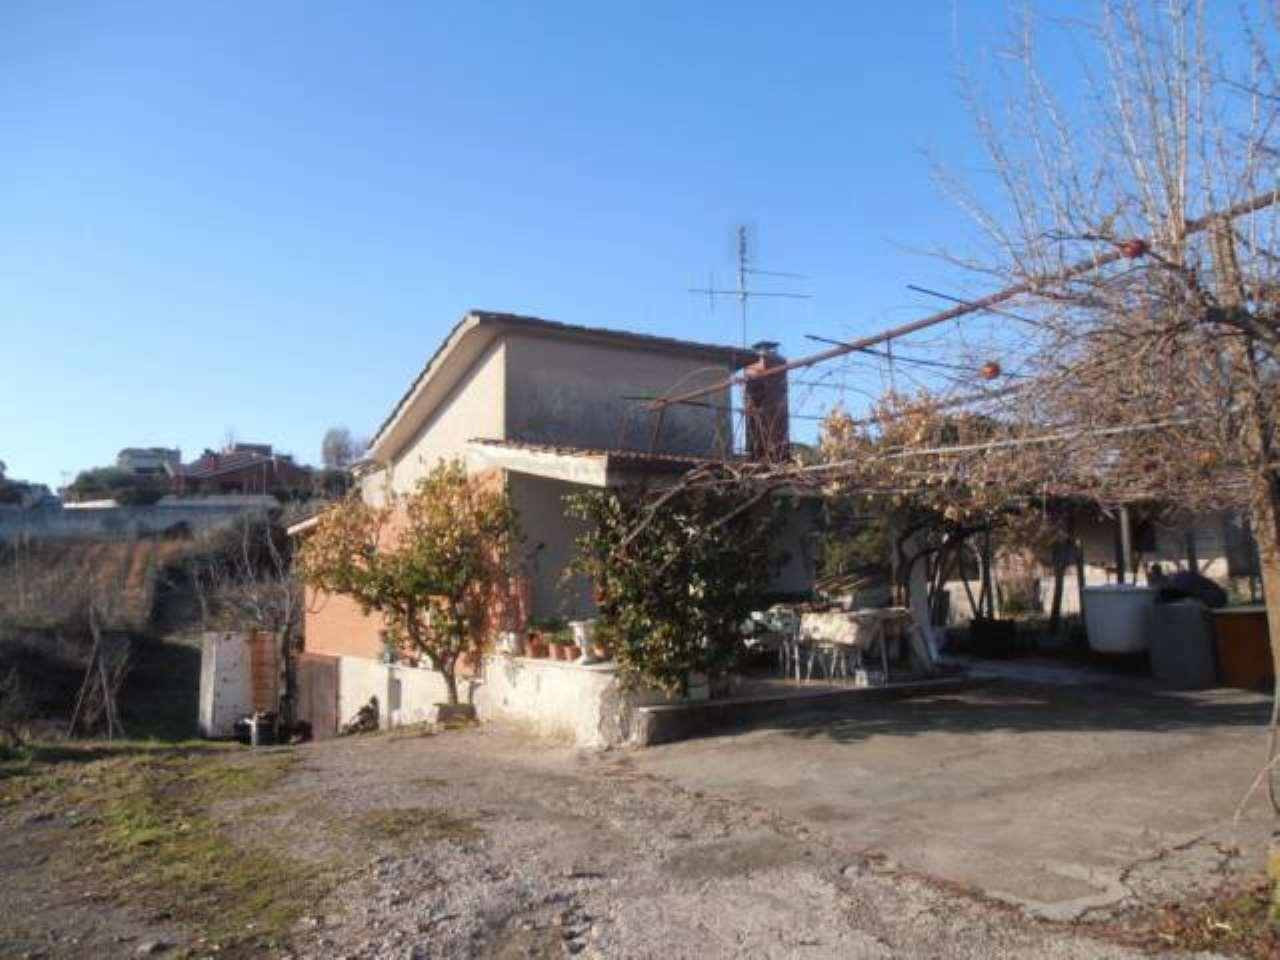 Villa in vendita a Genzano di Roma, 3 locali, prezzo € 170.000 | Cambio Casa.it